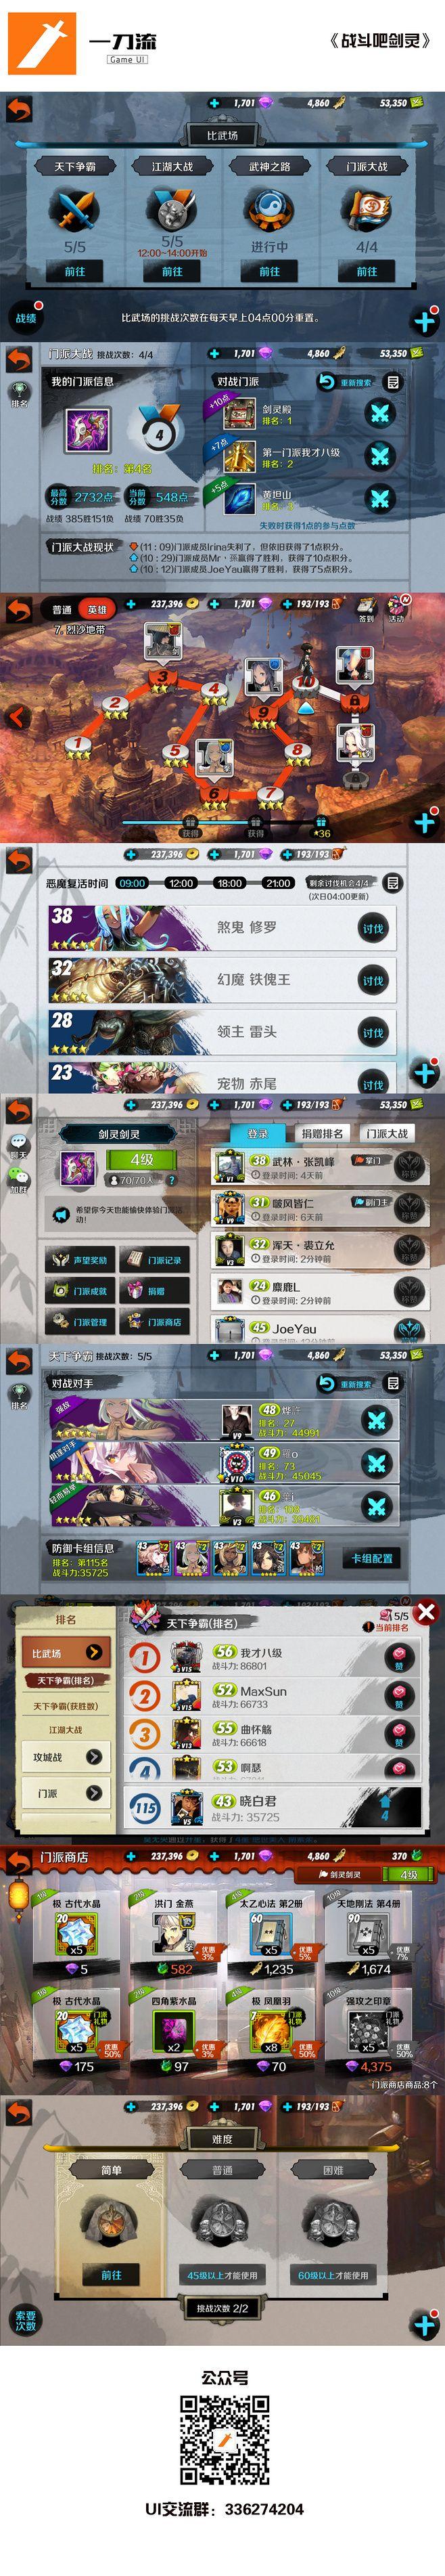 战斗吧剑灵 游戏UI